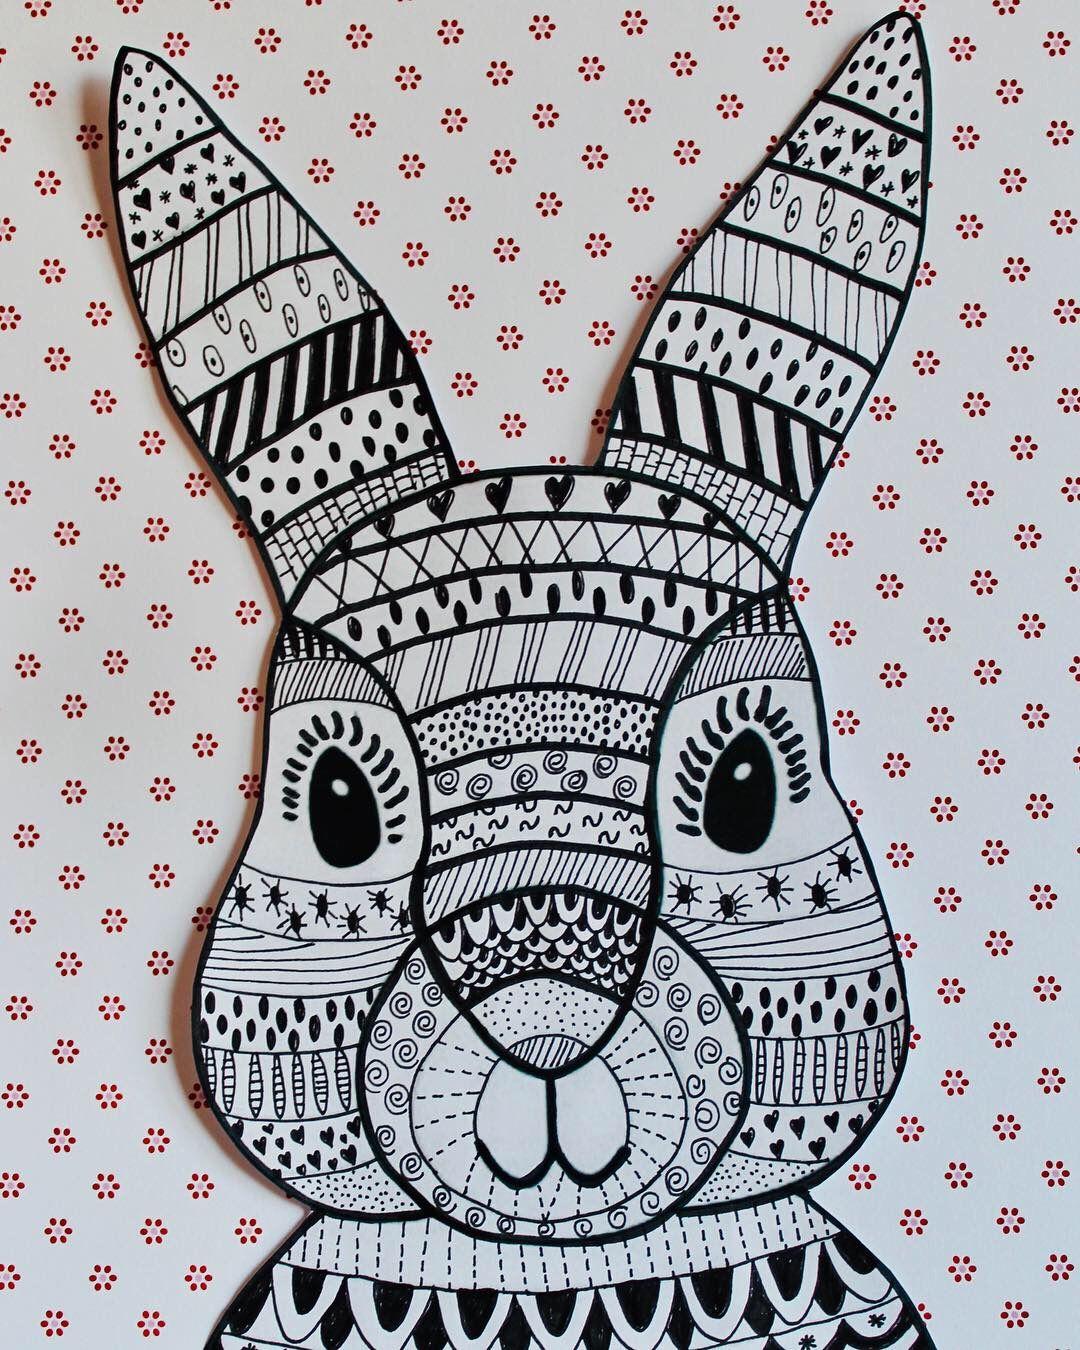 Creativeideas Clip Art Jasa Desain Grafis Murah